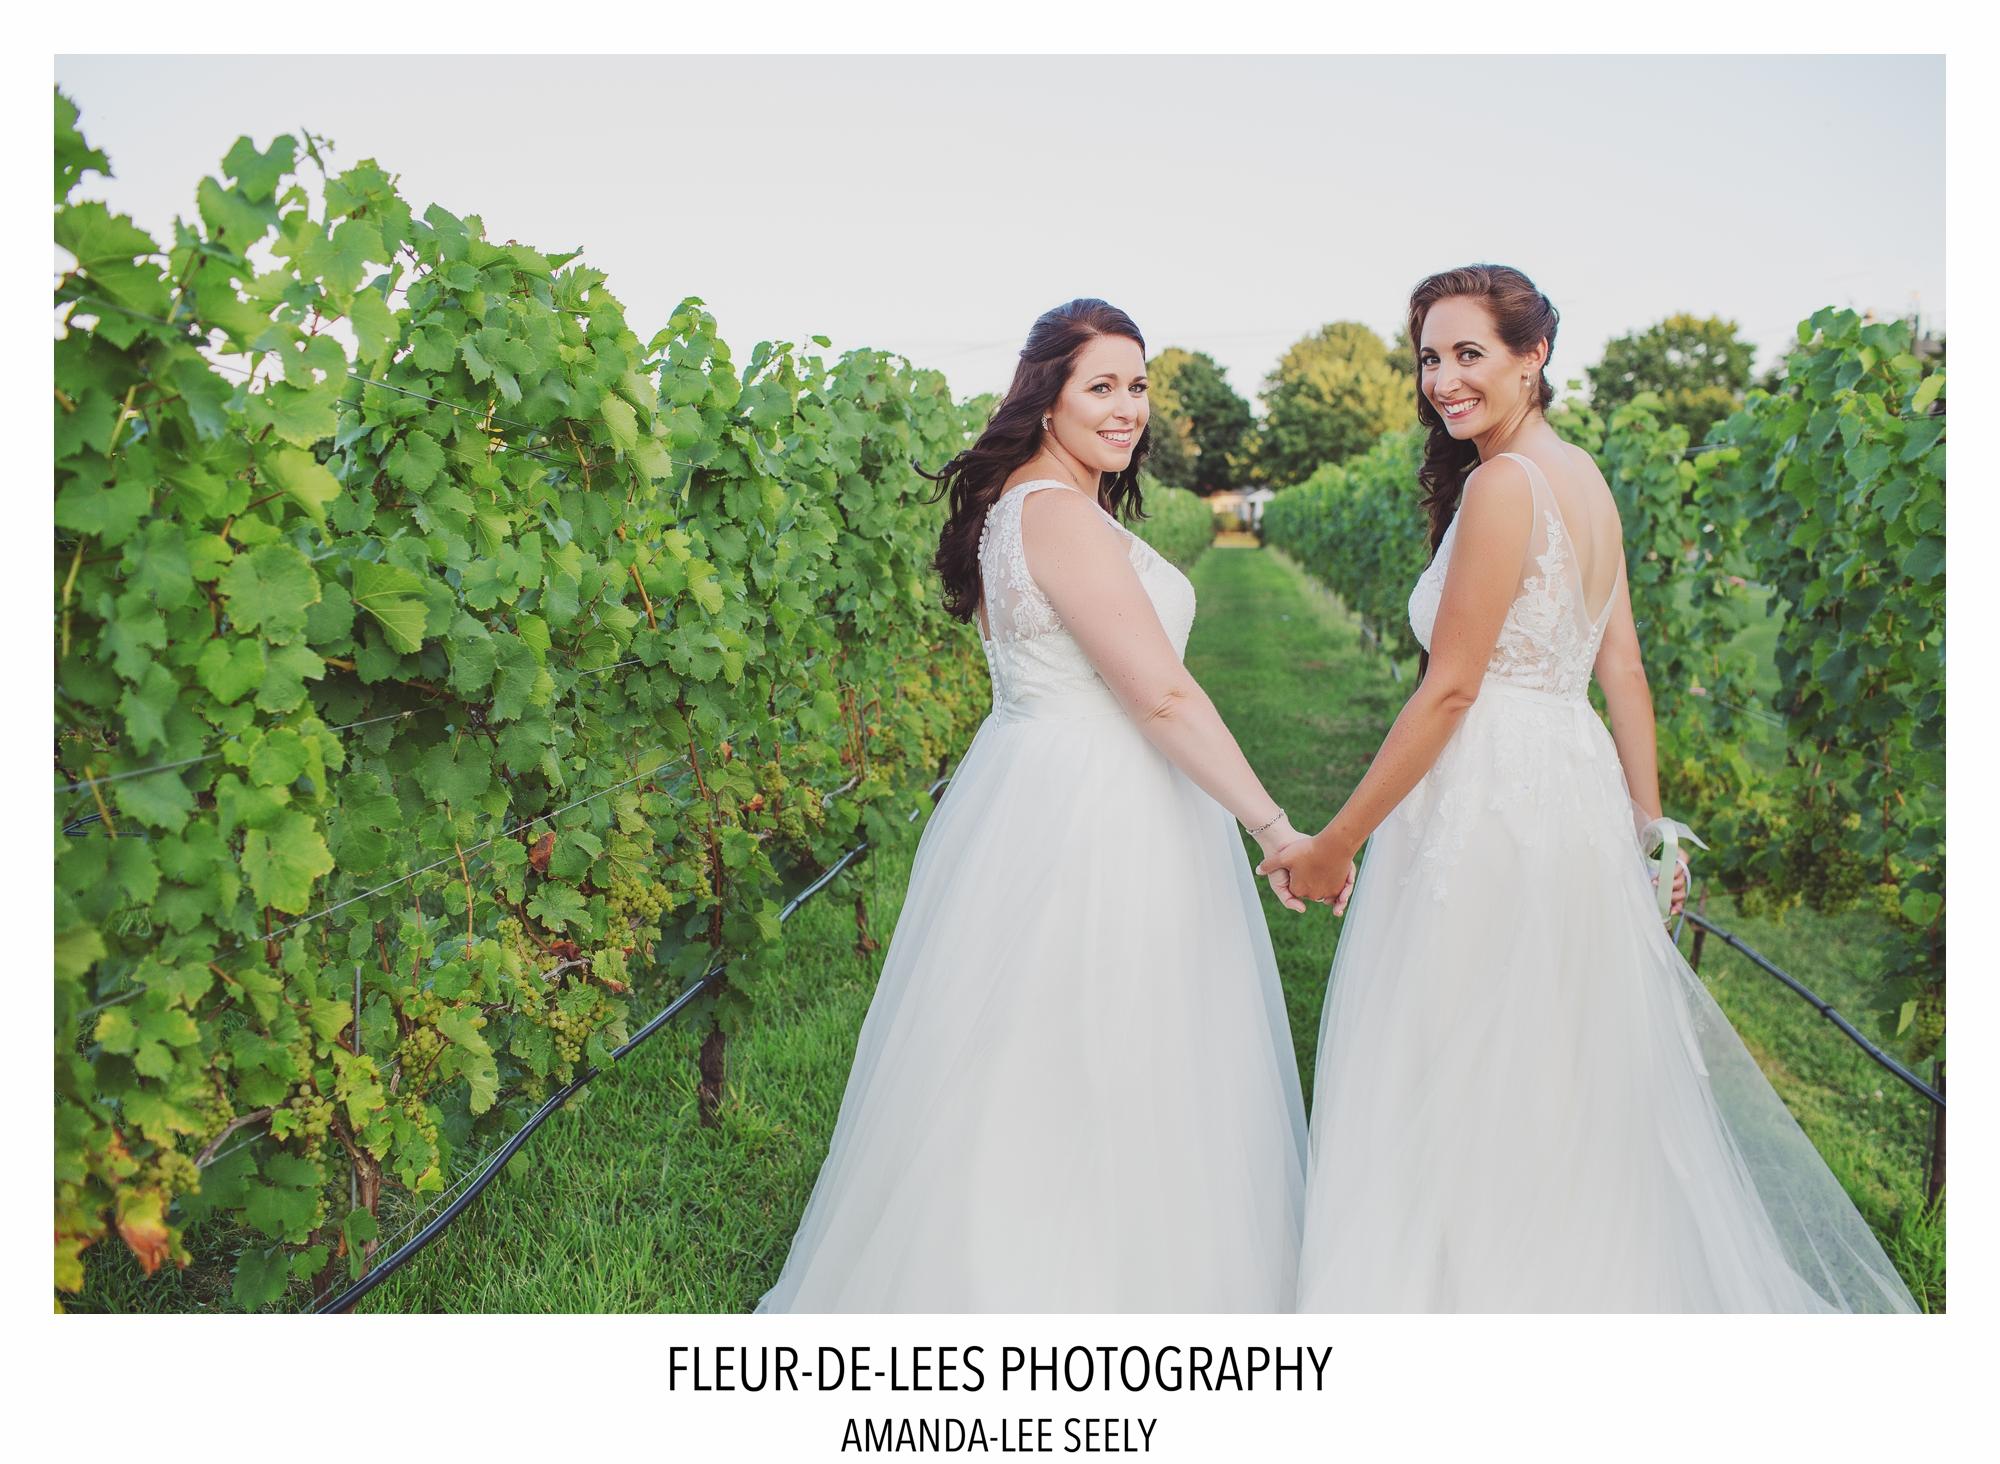 BLOG RACHEL AND AMANDA WEDDING 91